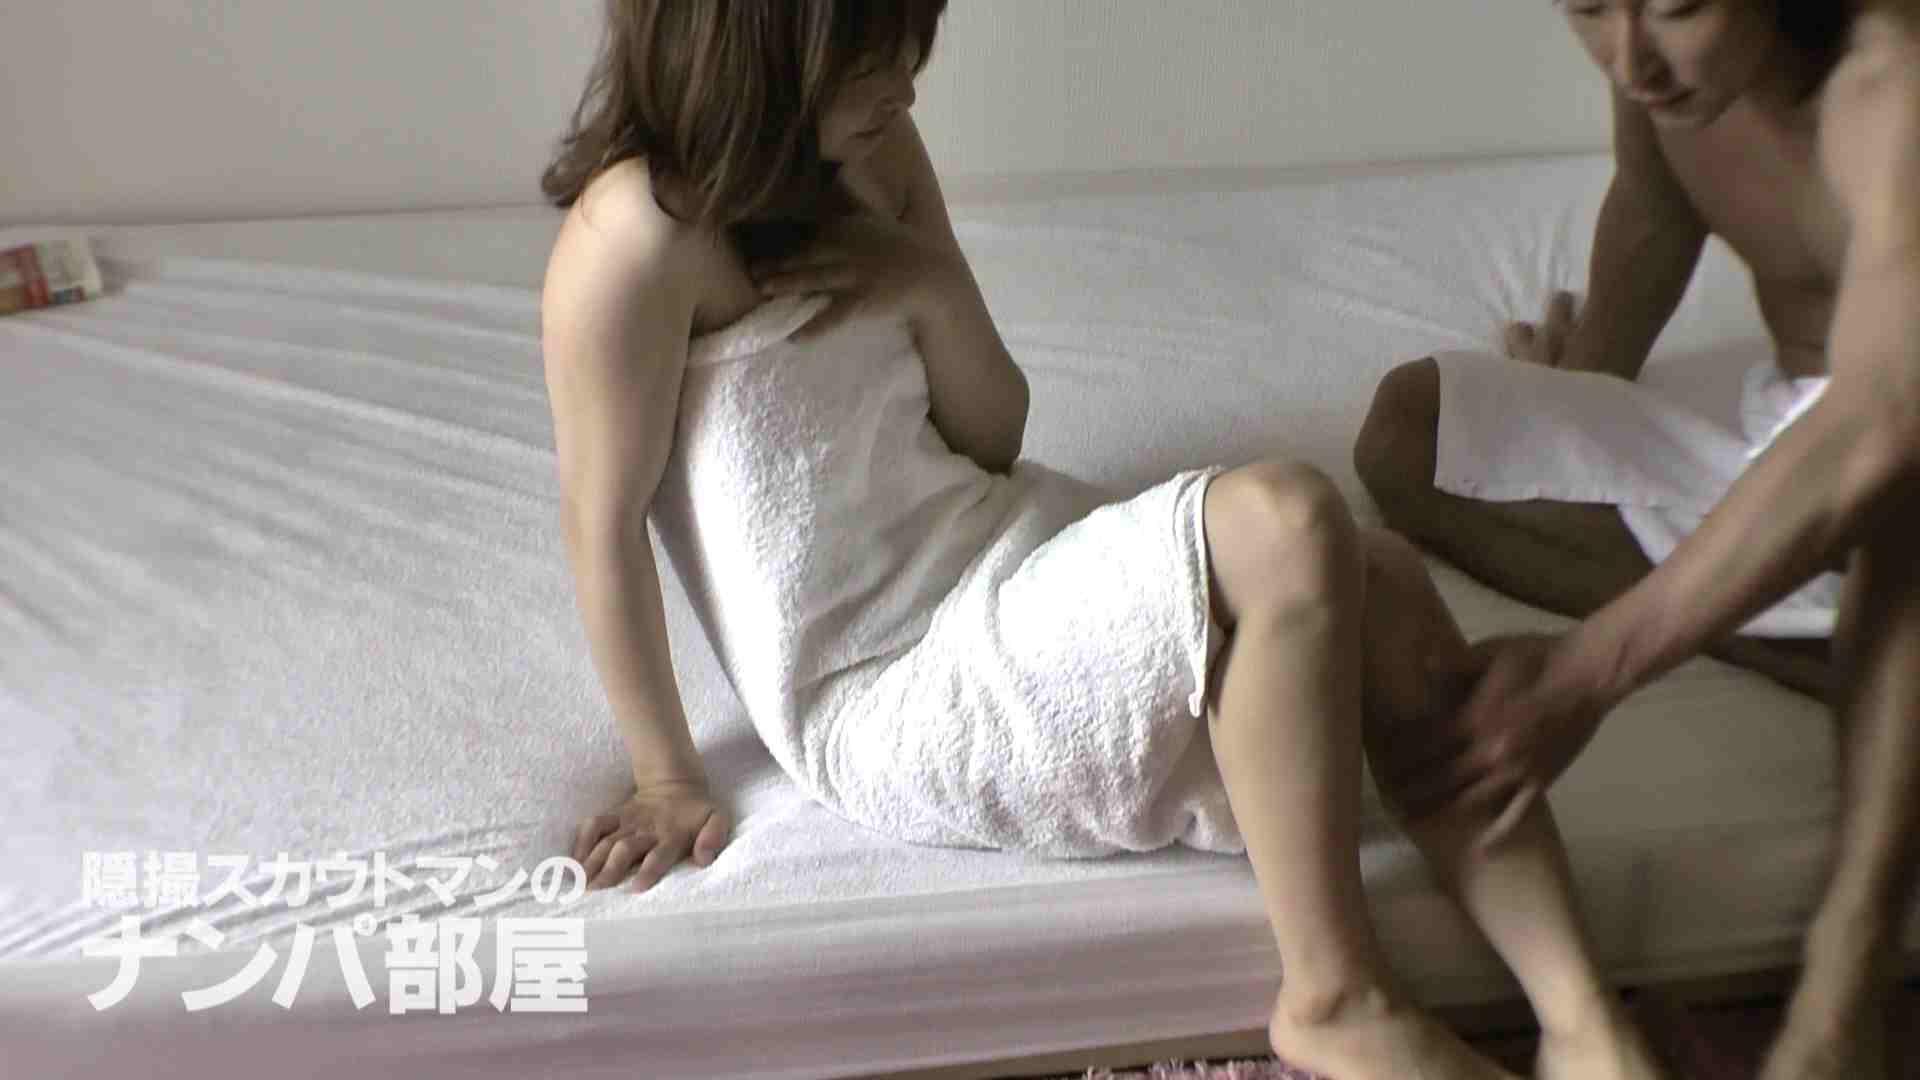 隠撮スカウトマンのナンパ部屋~風俗デビュー前のつまみ食い~ sii 隠撮   脱衣所  67pic 35